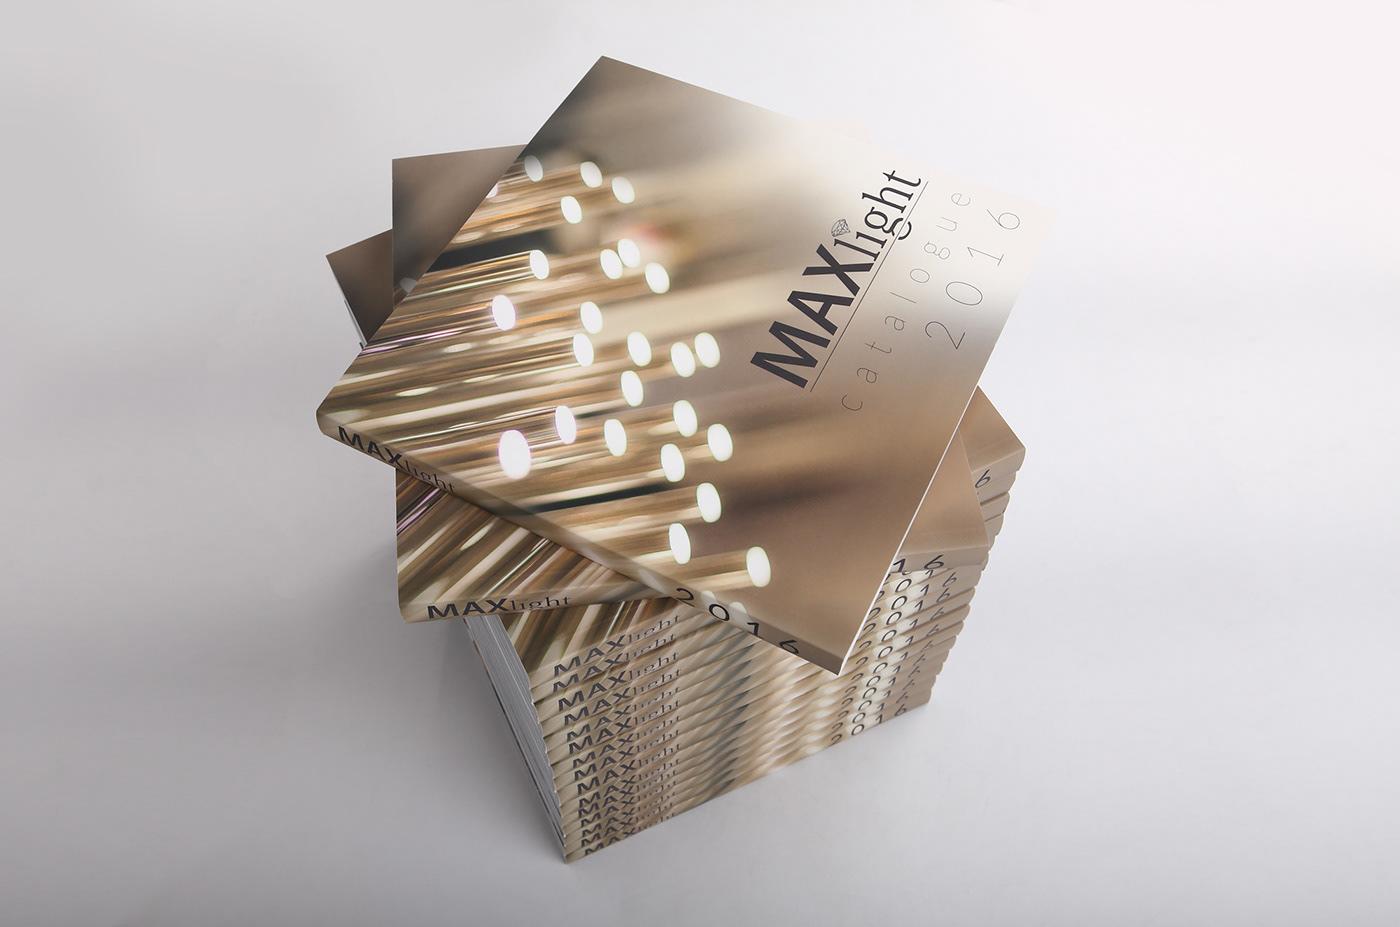 katalog oświetlenie lampy Maxlight